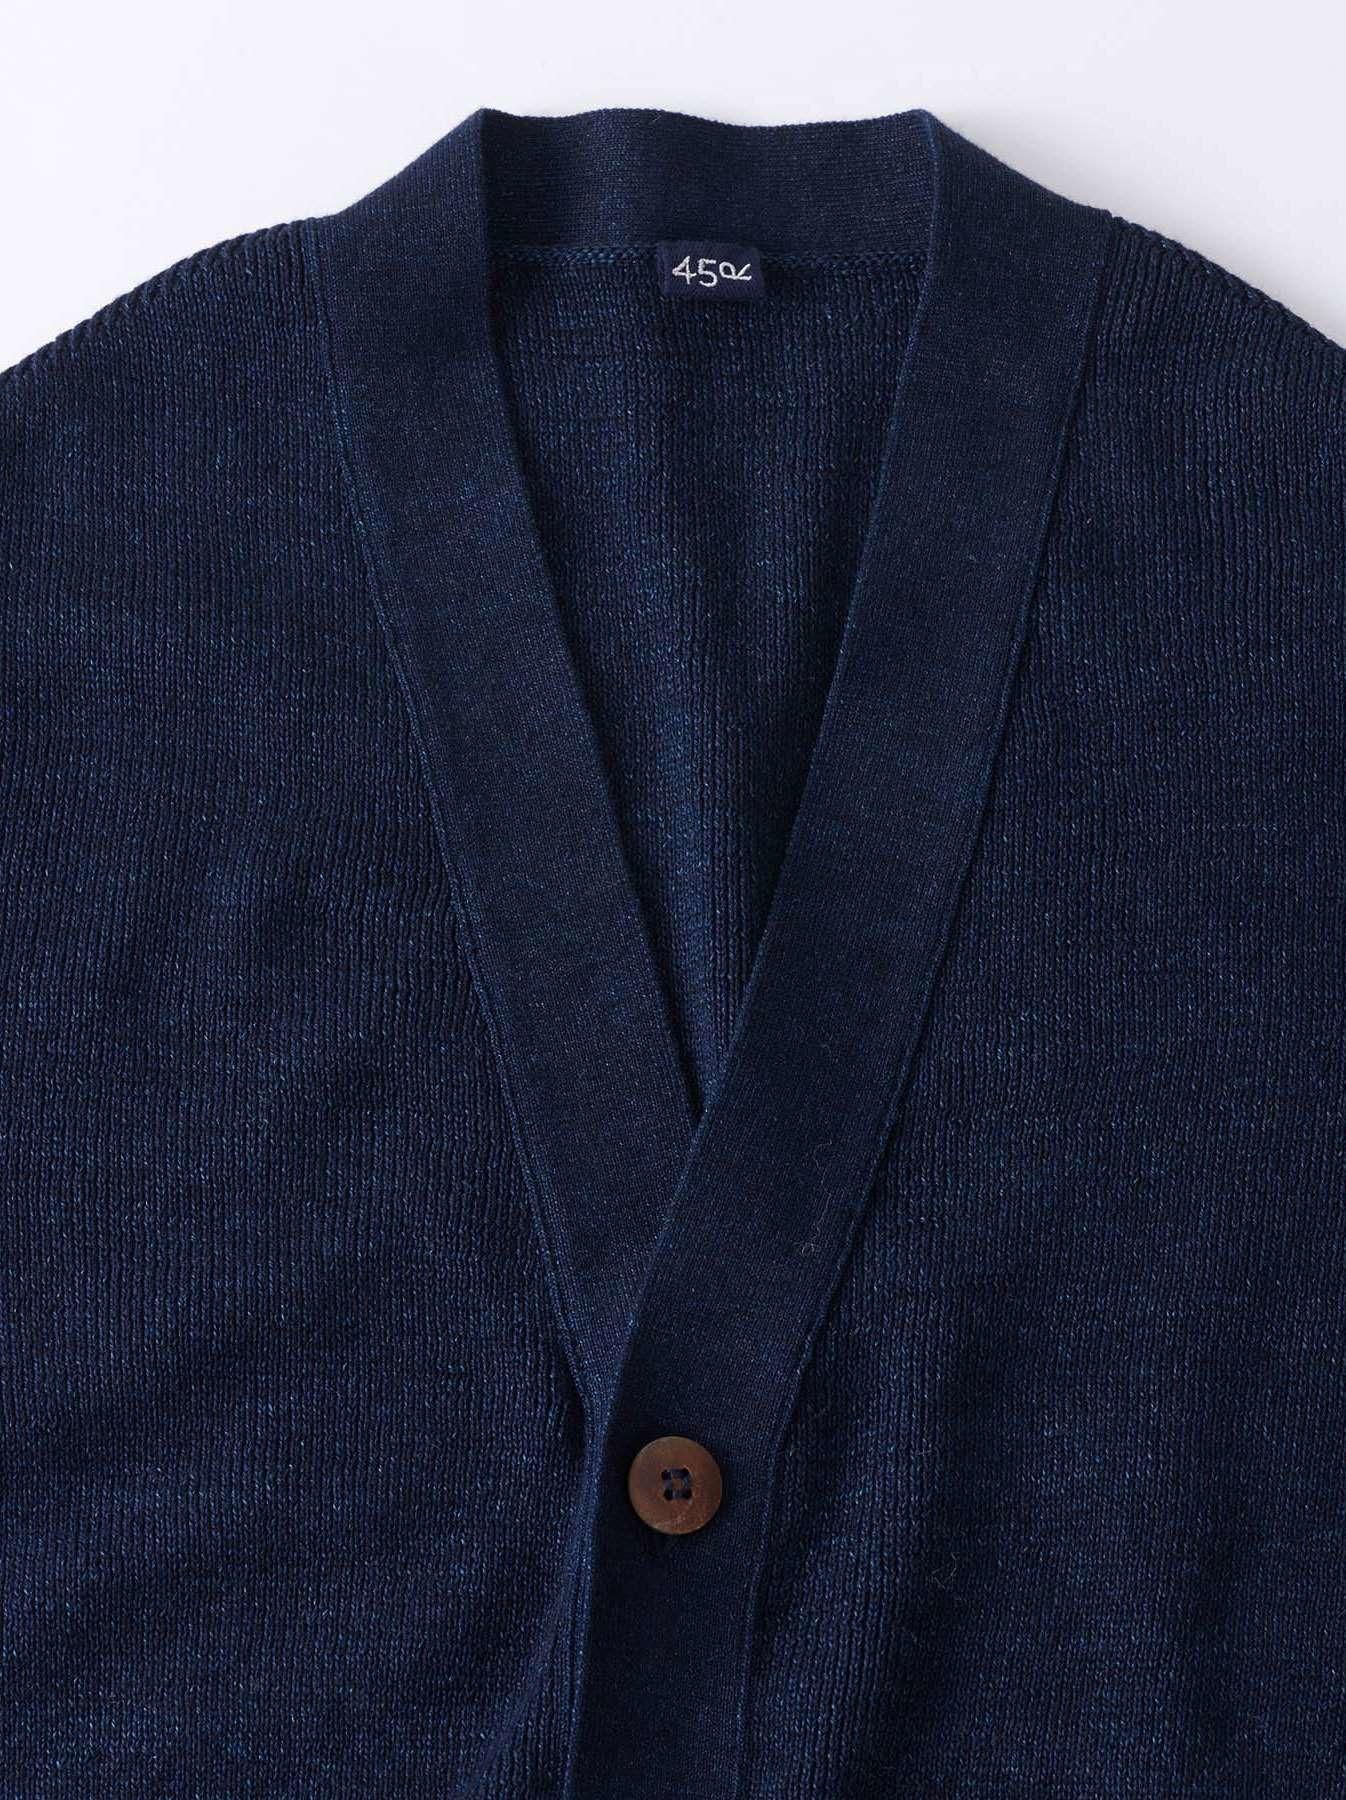 WH Indigo Supima Knit-sew Coat-2